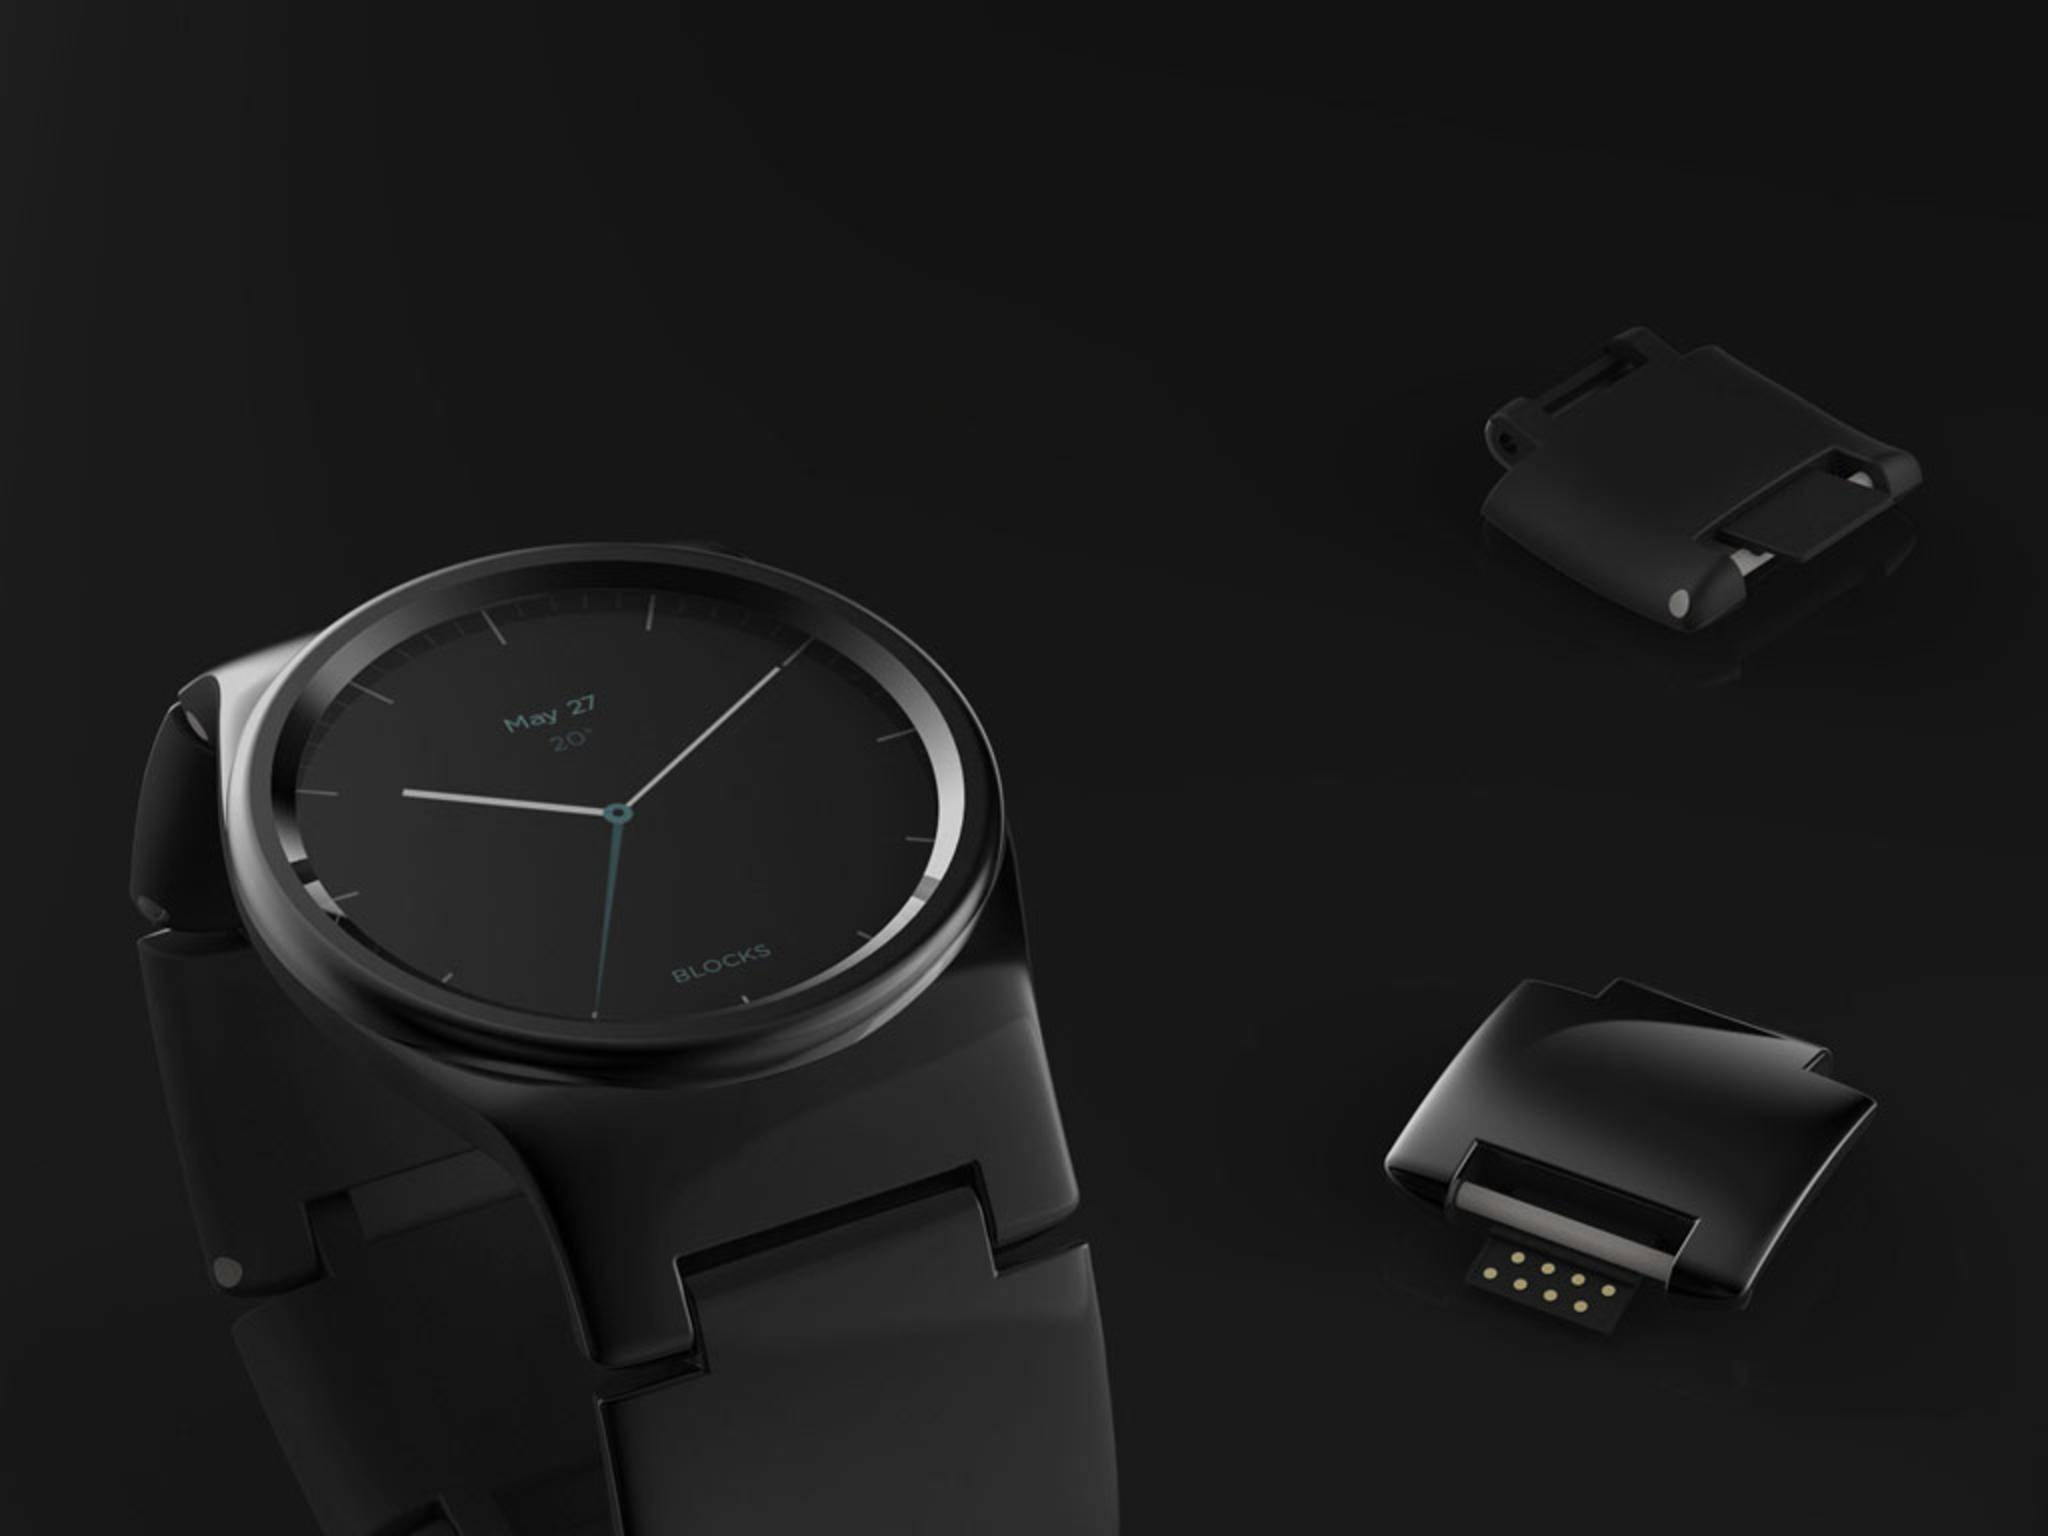 Die Smartwatch Blocks geht neue Wege und setzt auf Module.